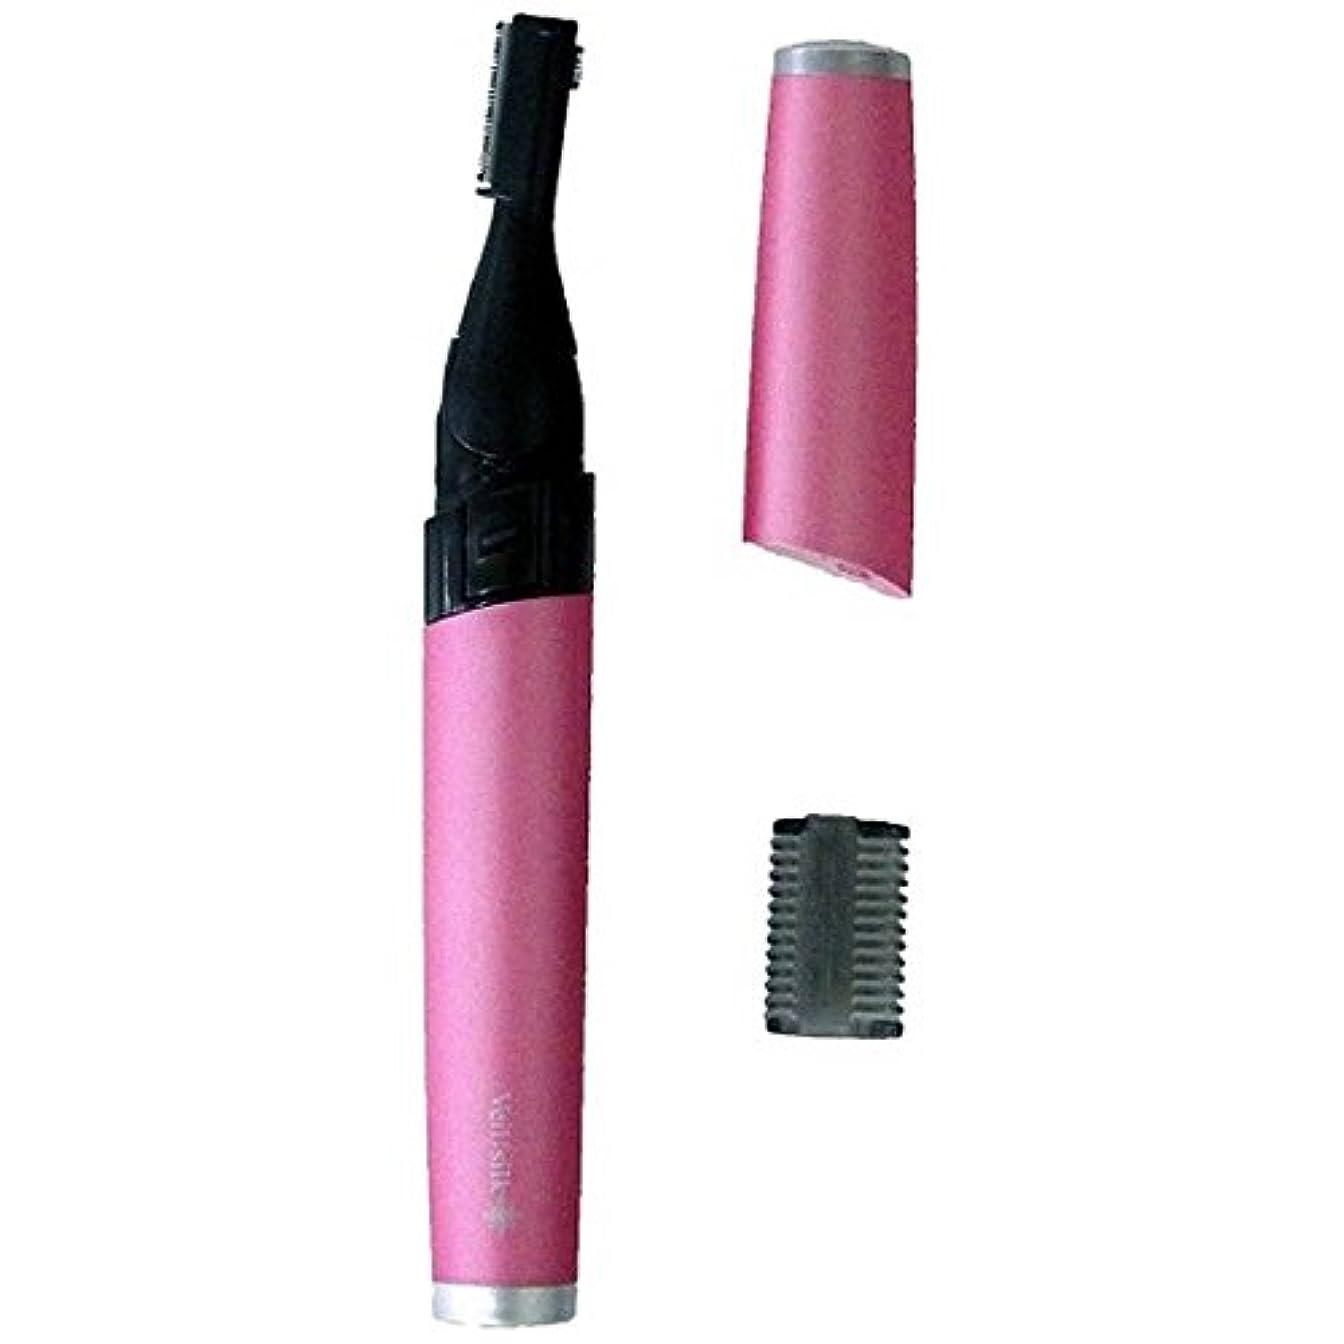 通常ブリリアントグリルイズミ フェイスシェーバー (ピンク)IZUMI Veil:silk(ヴェルシルク) GR-AF127-P